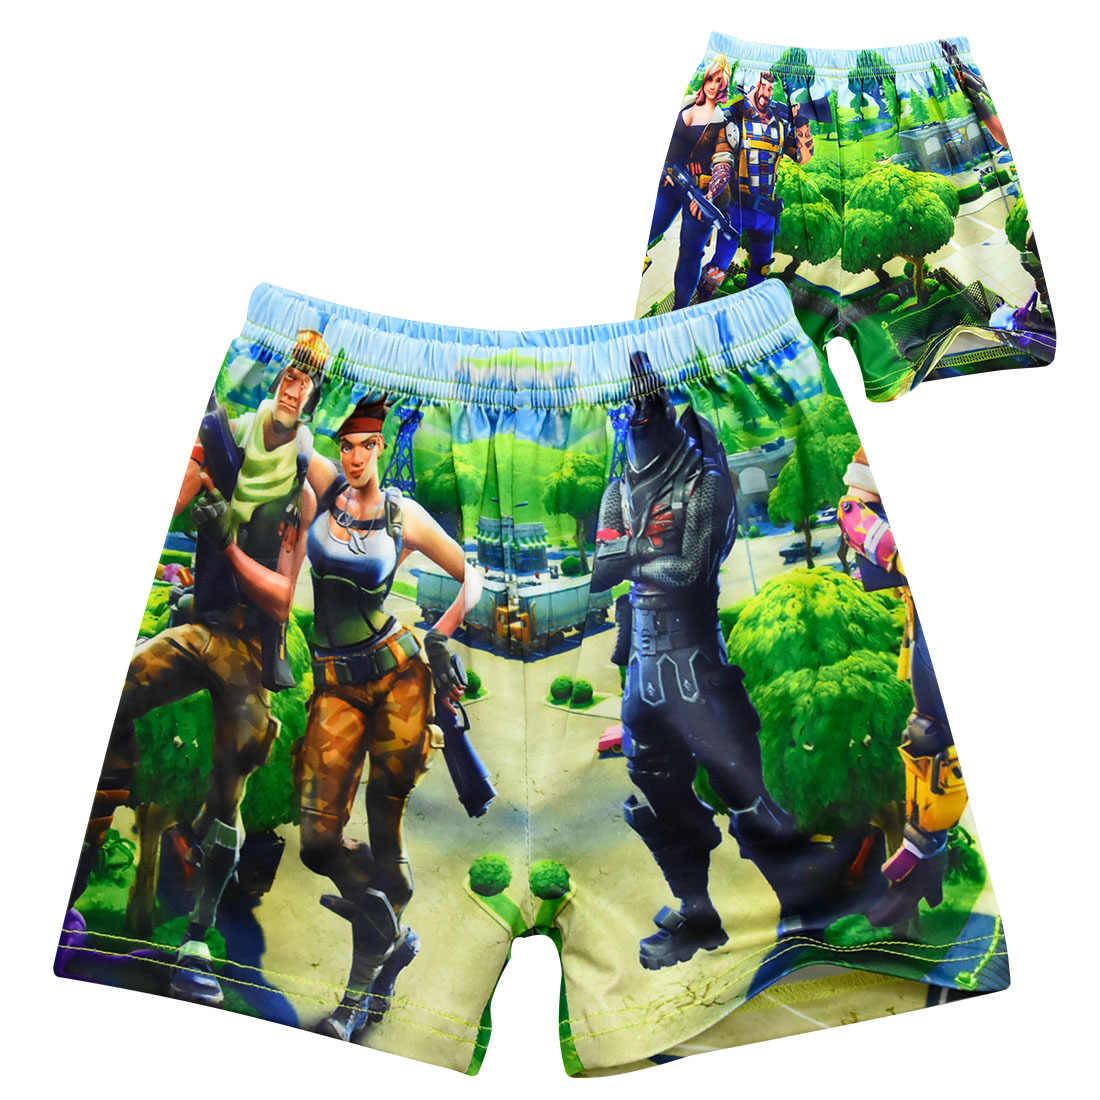 2019 جديد بنين سراويل للسباحة الكرتون ملابس السباحة للبنين سروال سباحة الصيف الاطفال ملابس الشاطئ الصبي ملابس السباحة G48-H